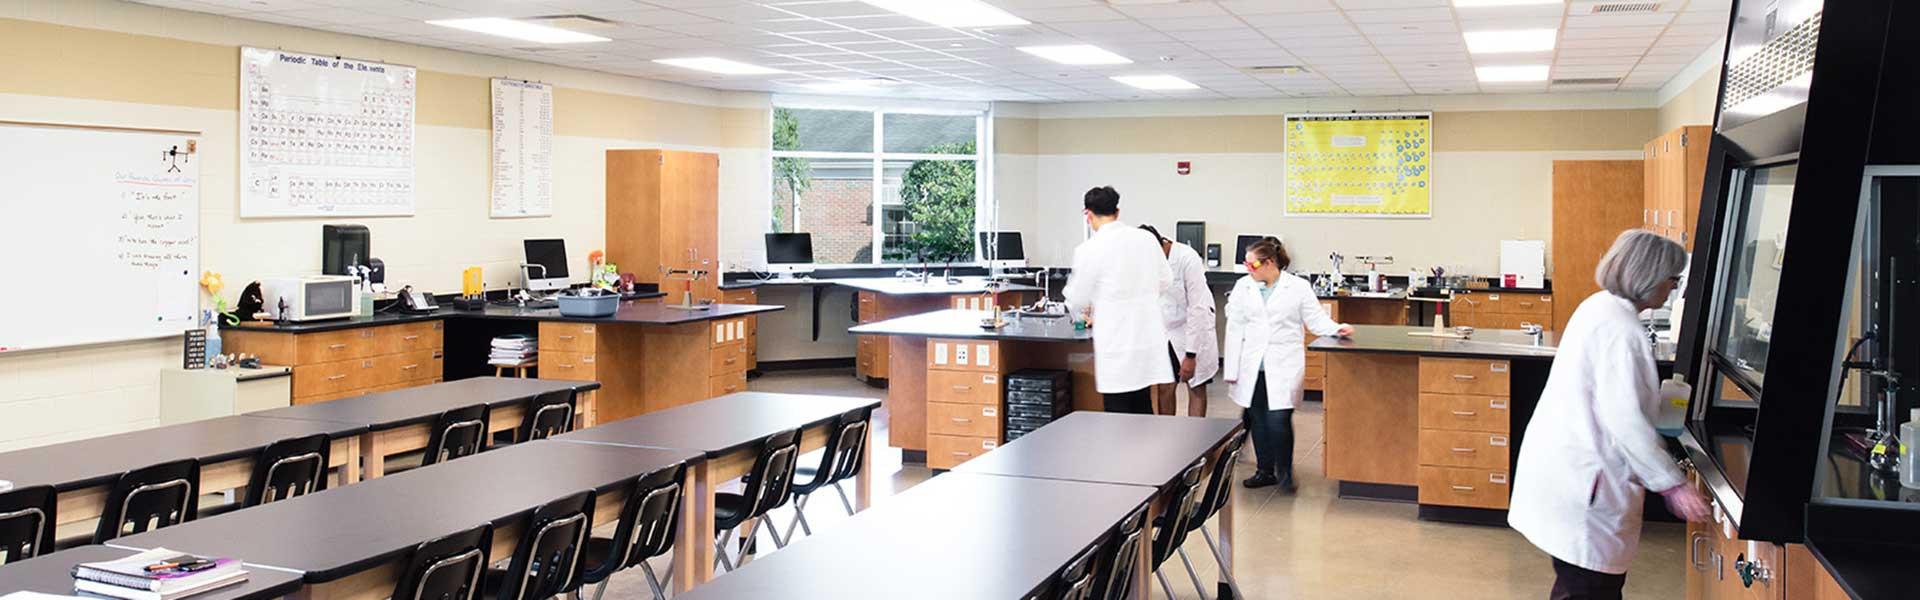 Lake Ridge Academy Chem Lab